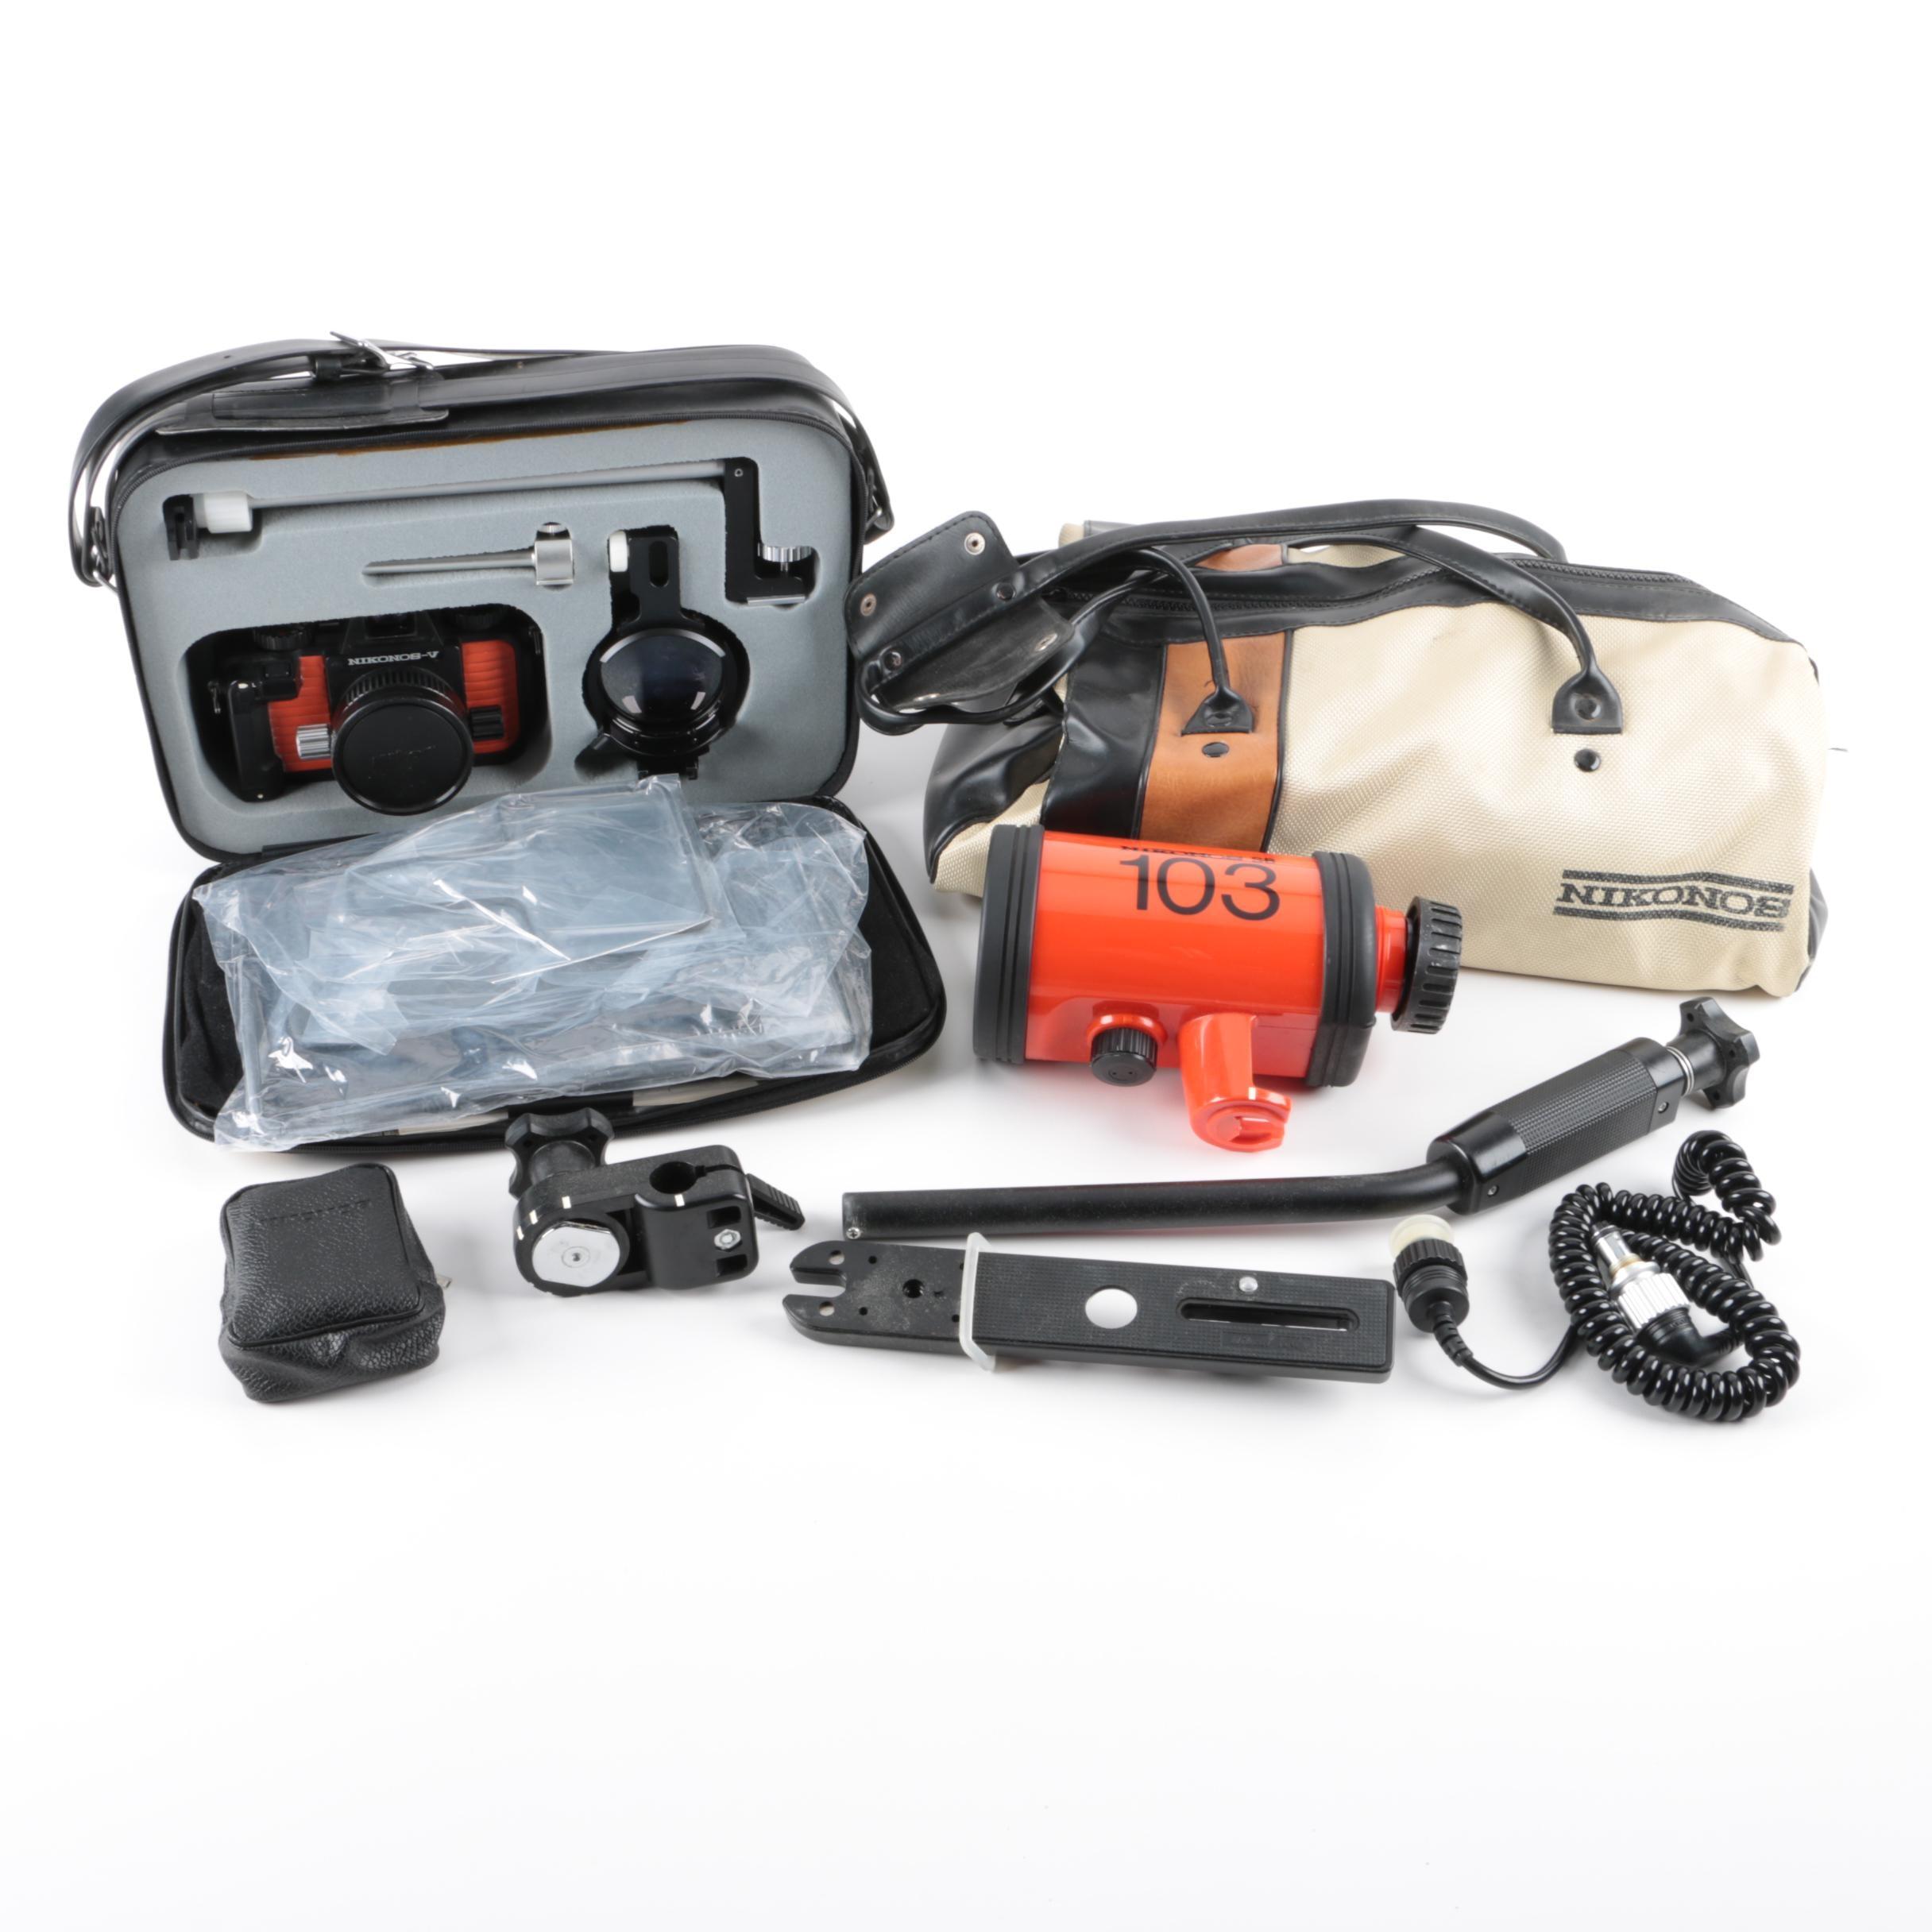 Nikon Nikonos Camera and Accessories